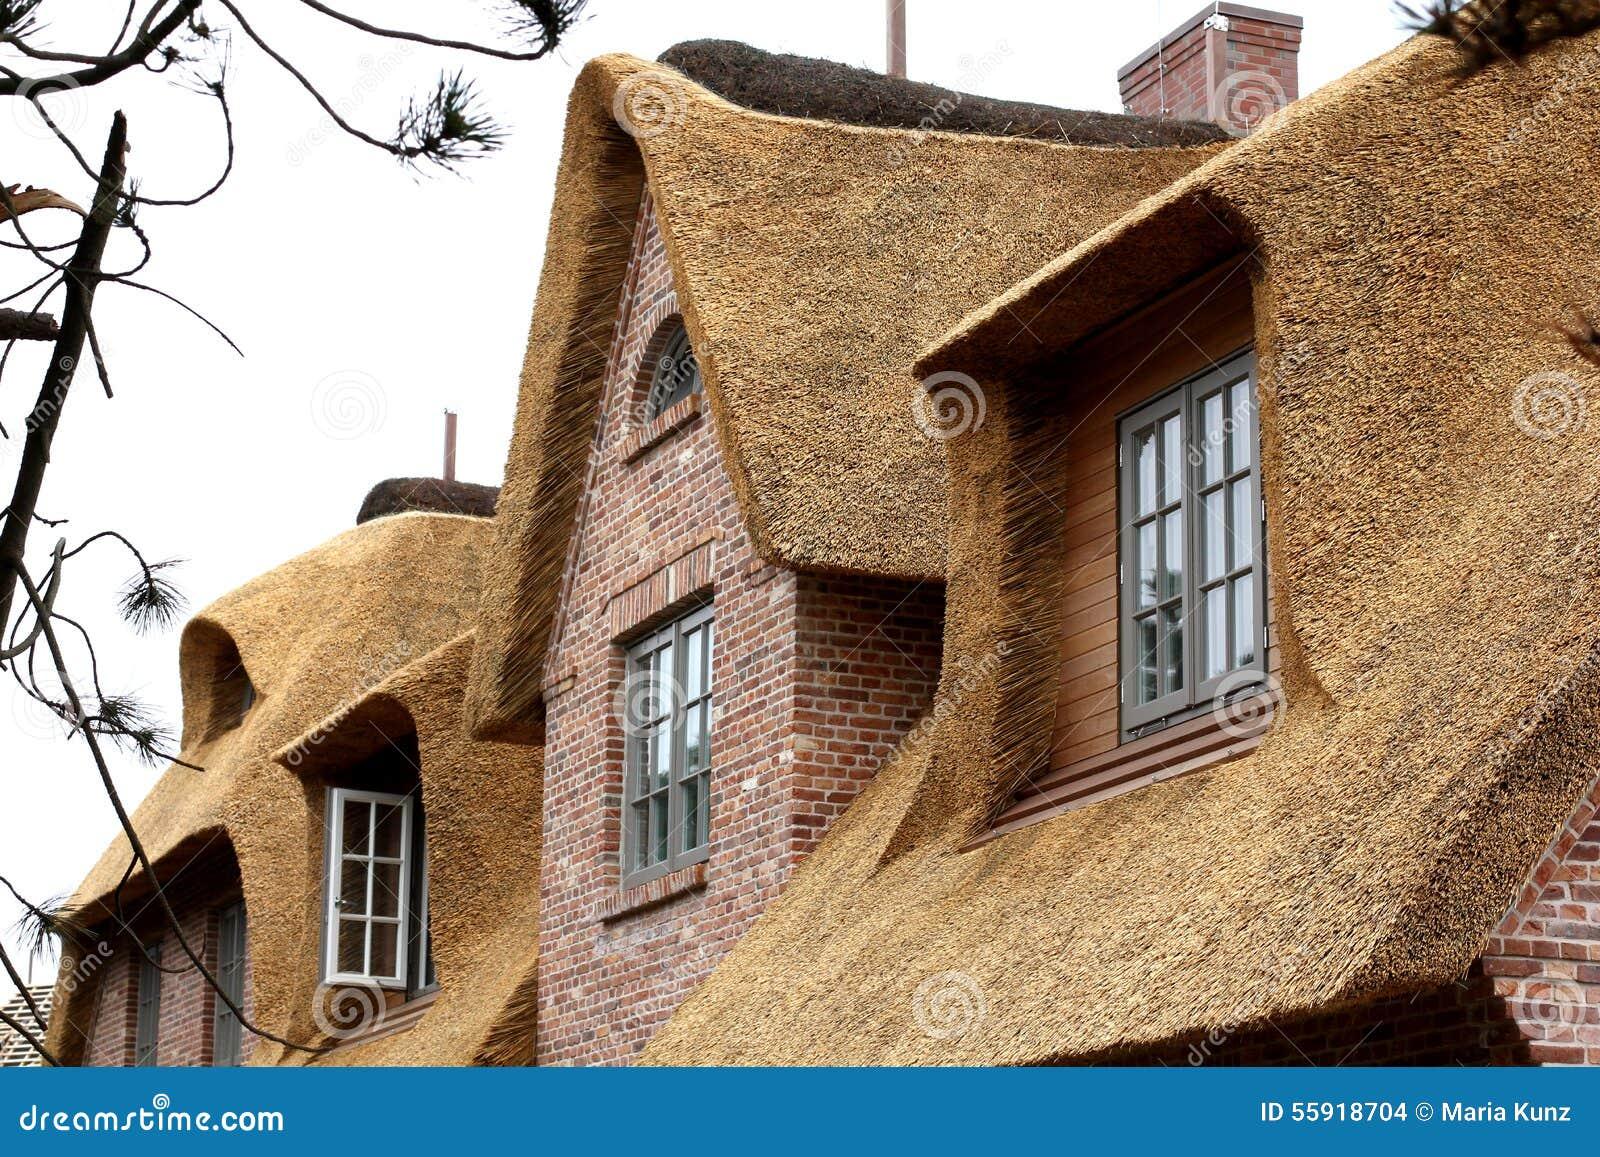 haus mit einem strohdach deutschland stockfoto bild von himmel bedeckung 55918704. Black Bedroom Furniture Sets. Home Design Ideas